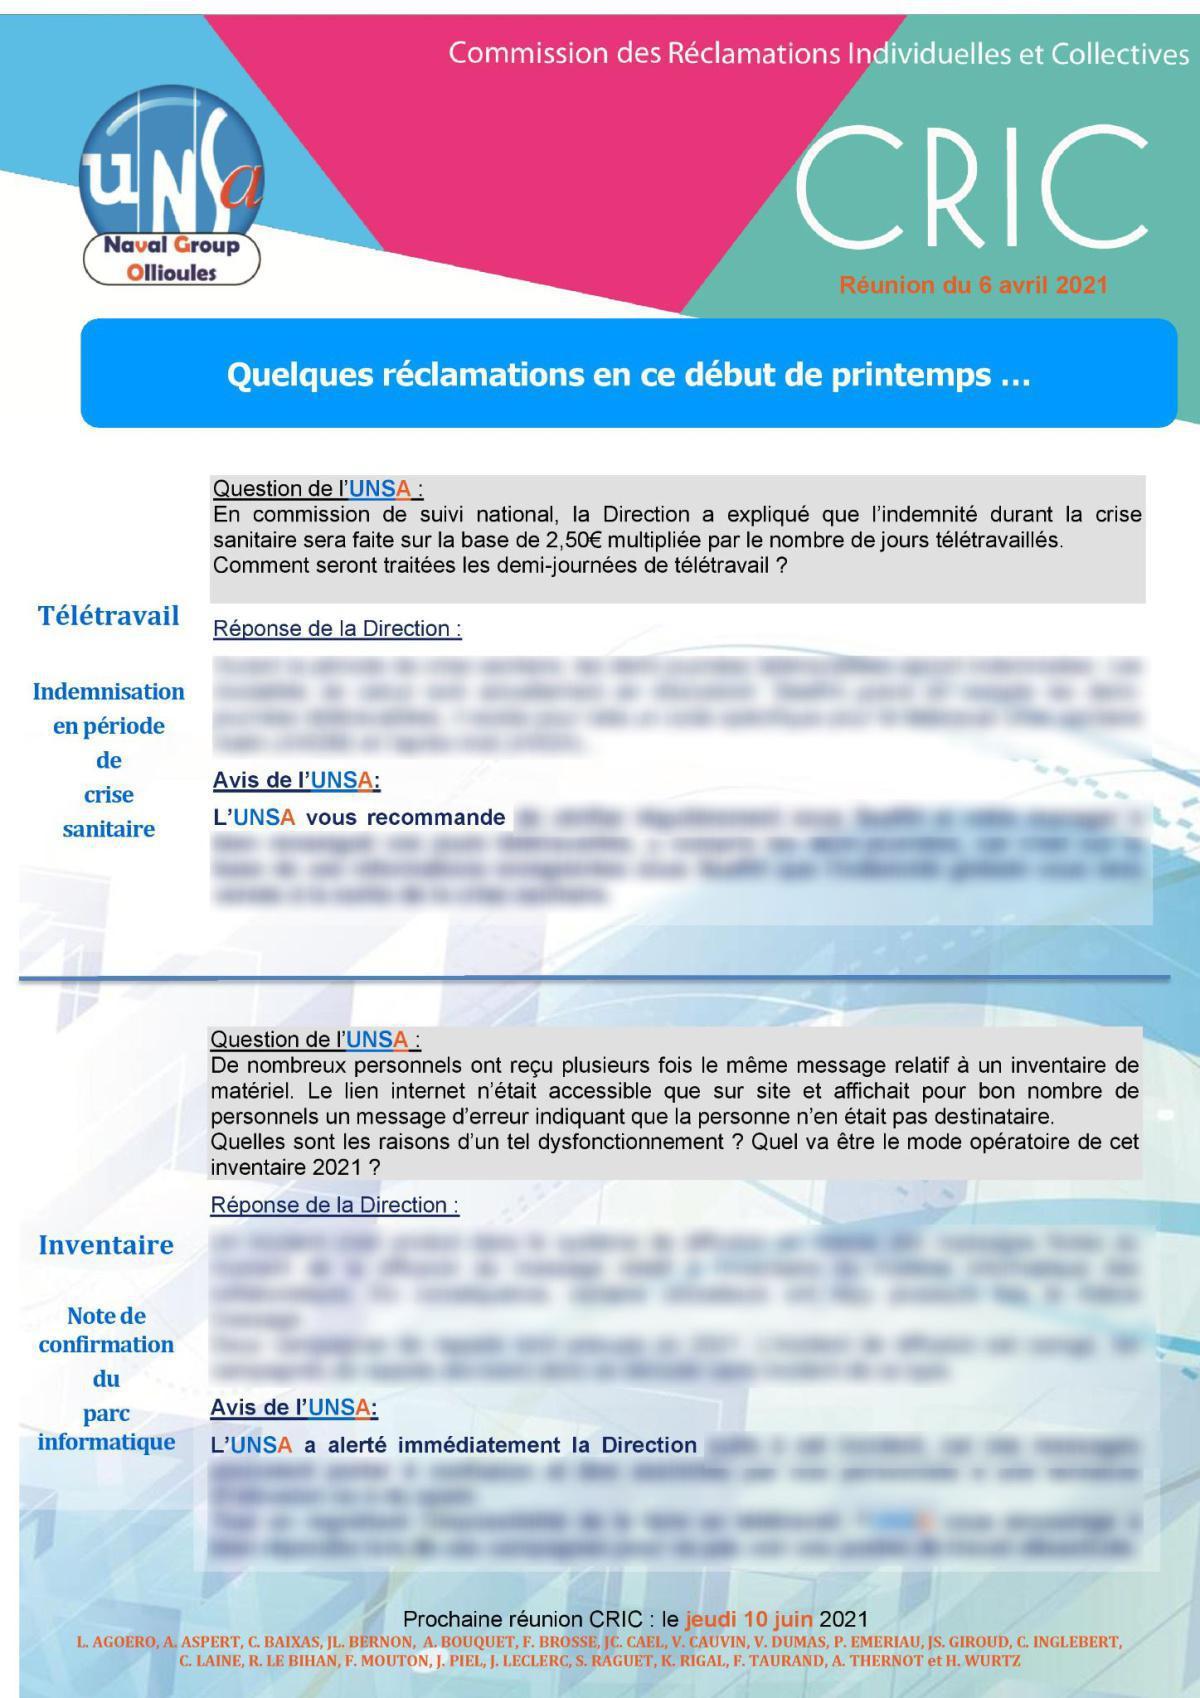 CRIC Ollioules - réunion du 6 avril 2021